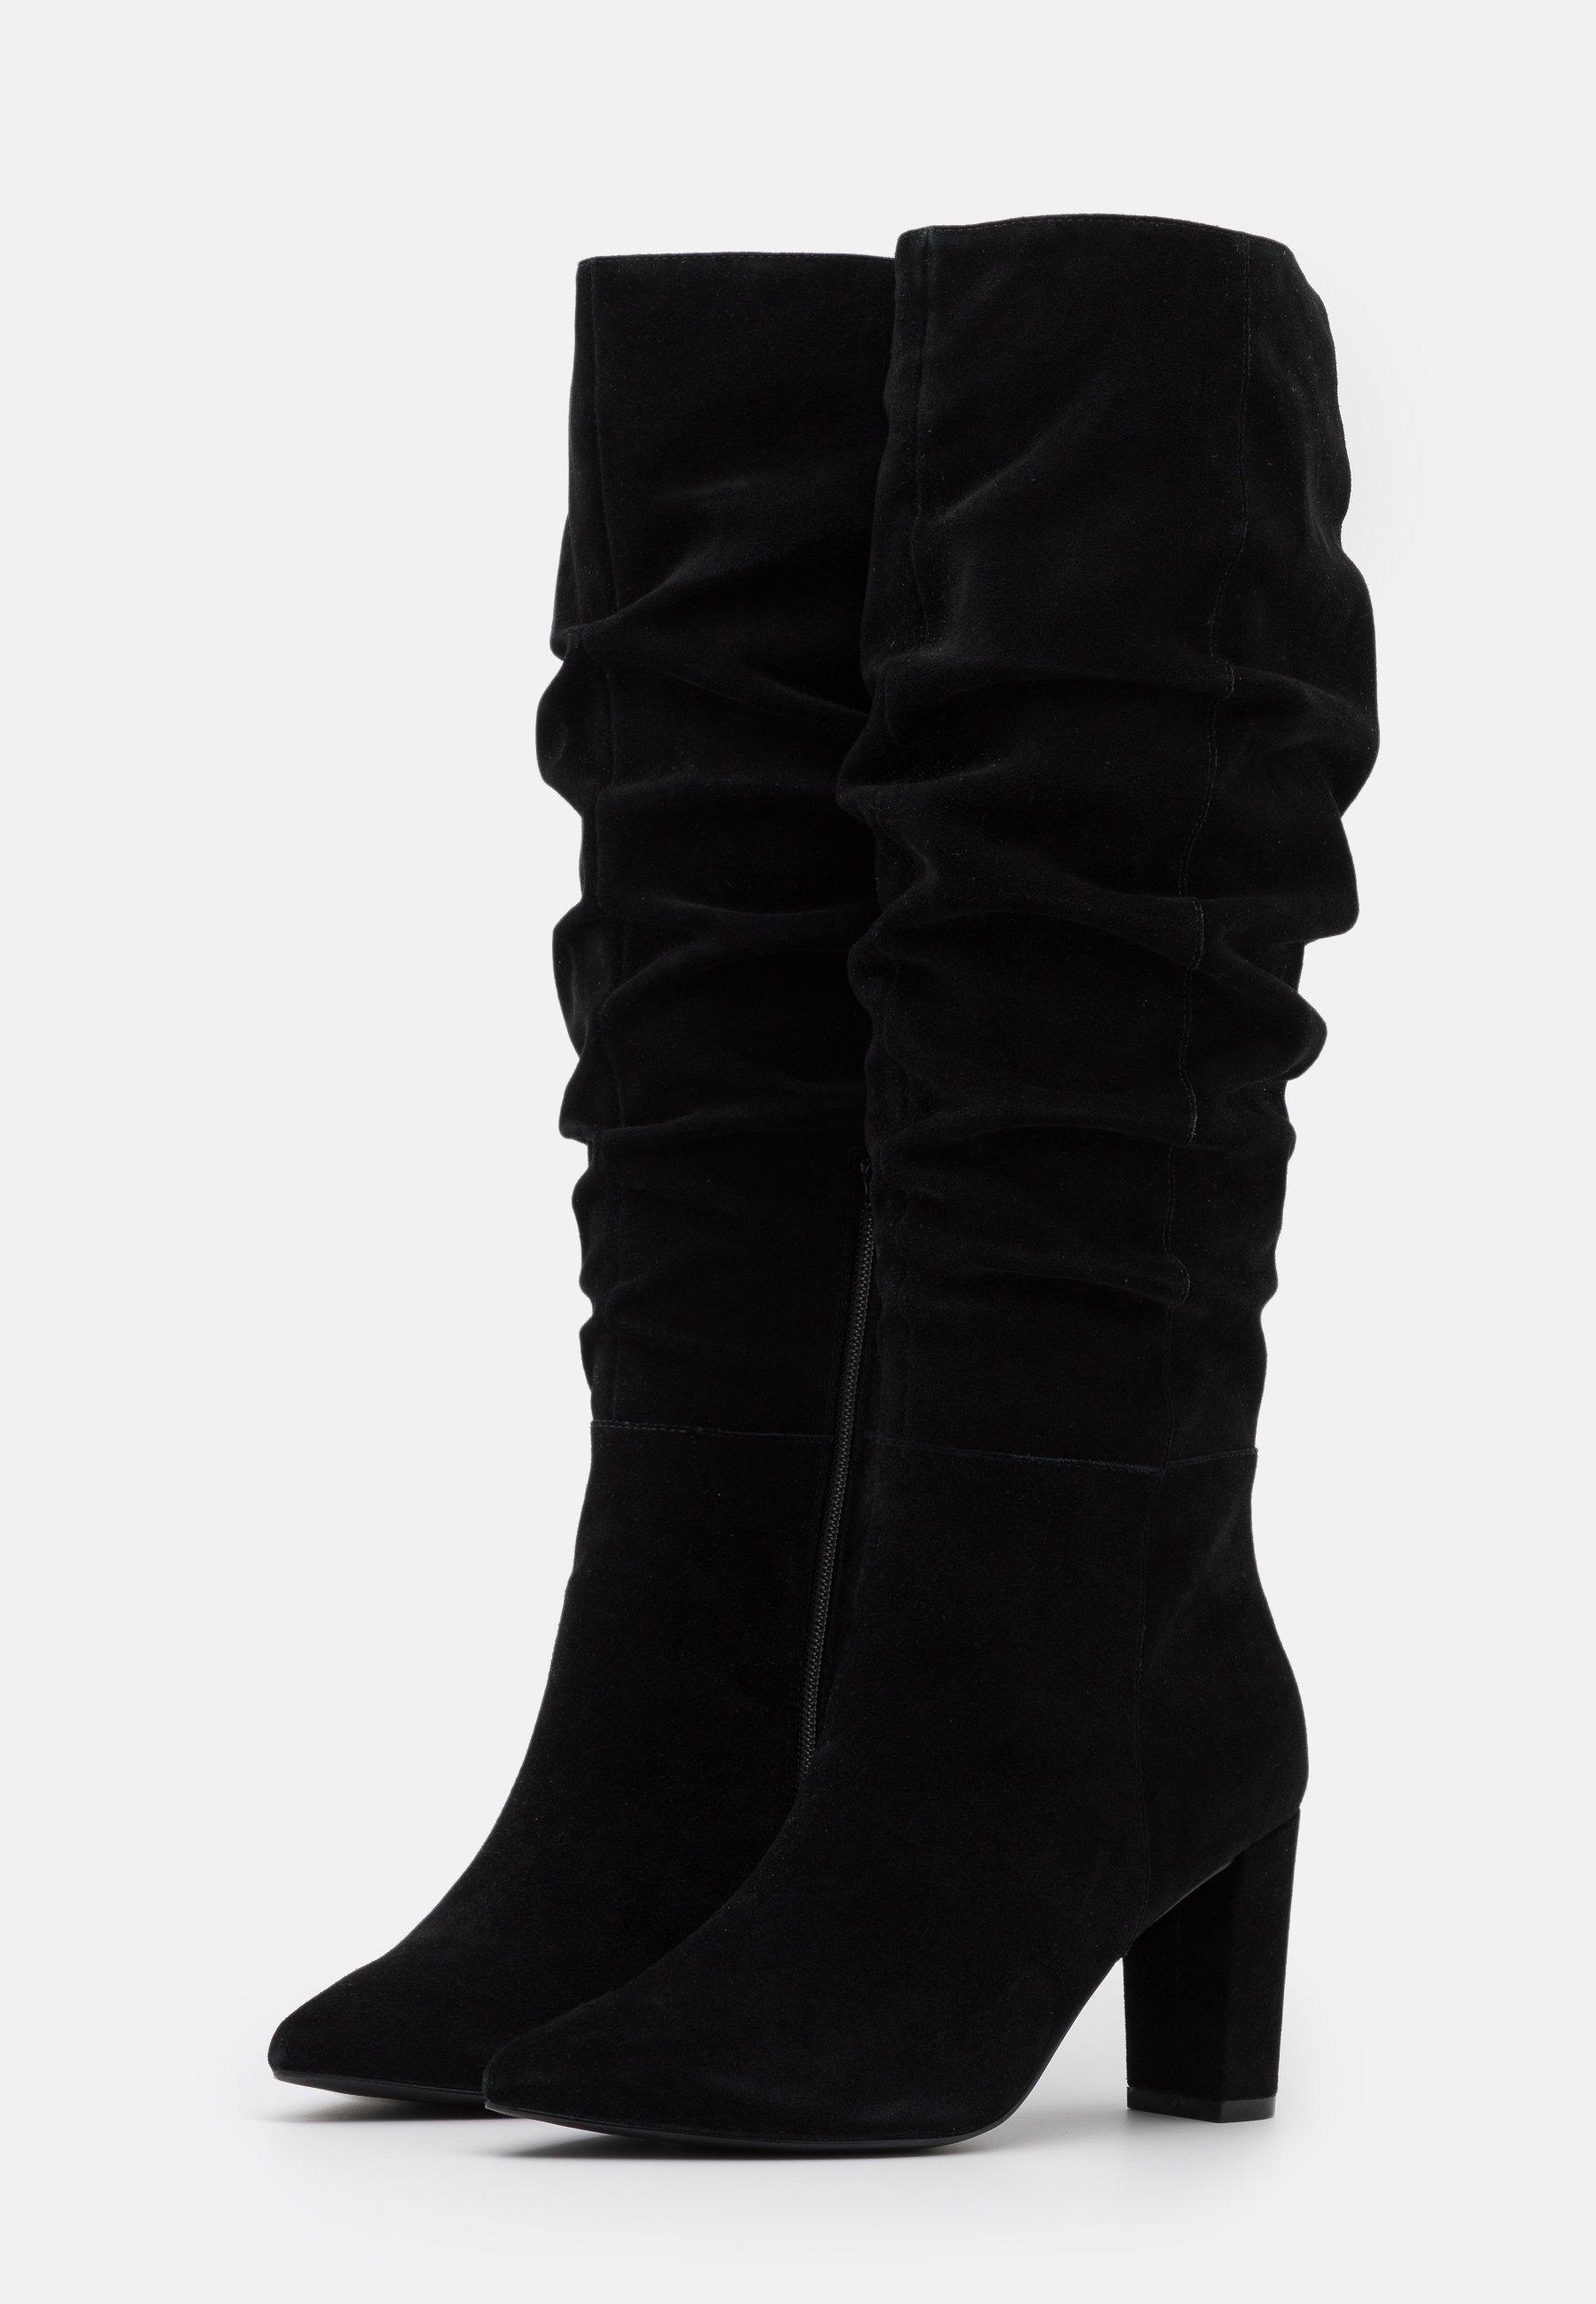 Anna Field LEATHER High Heel Stiefel black/schwarz